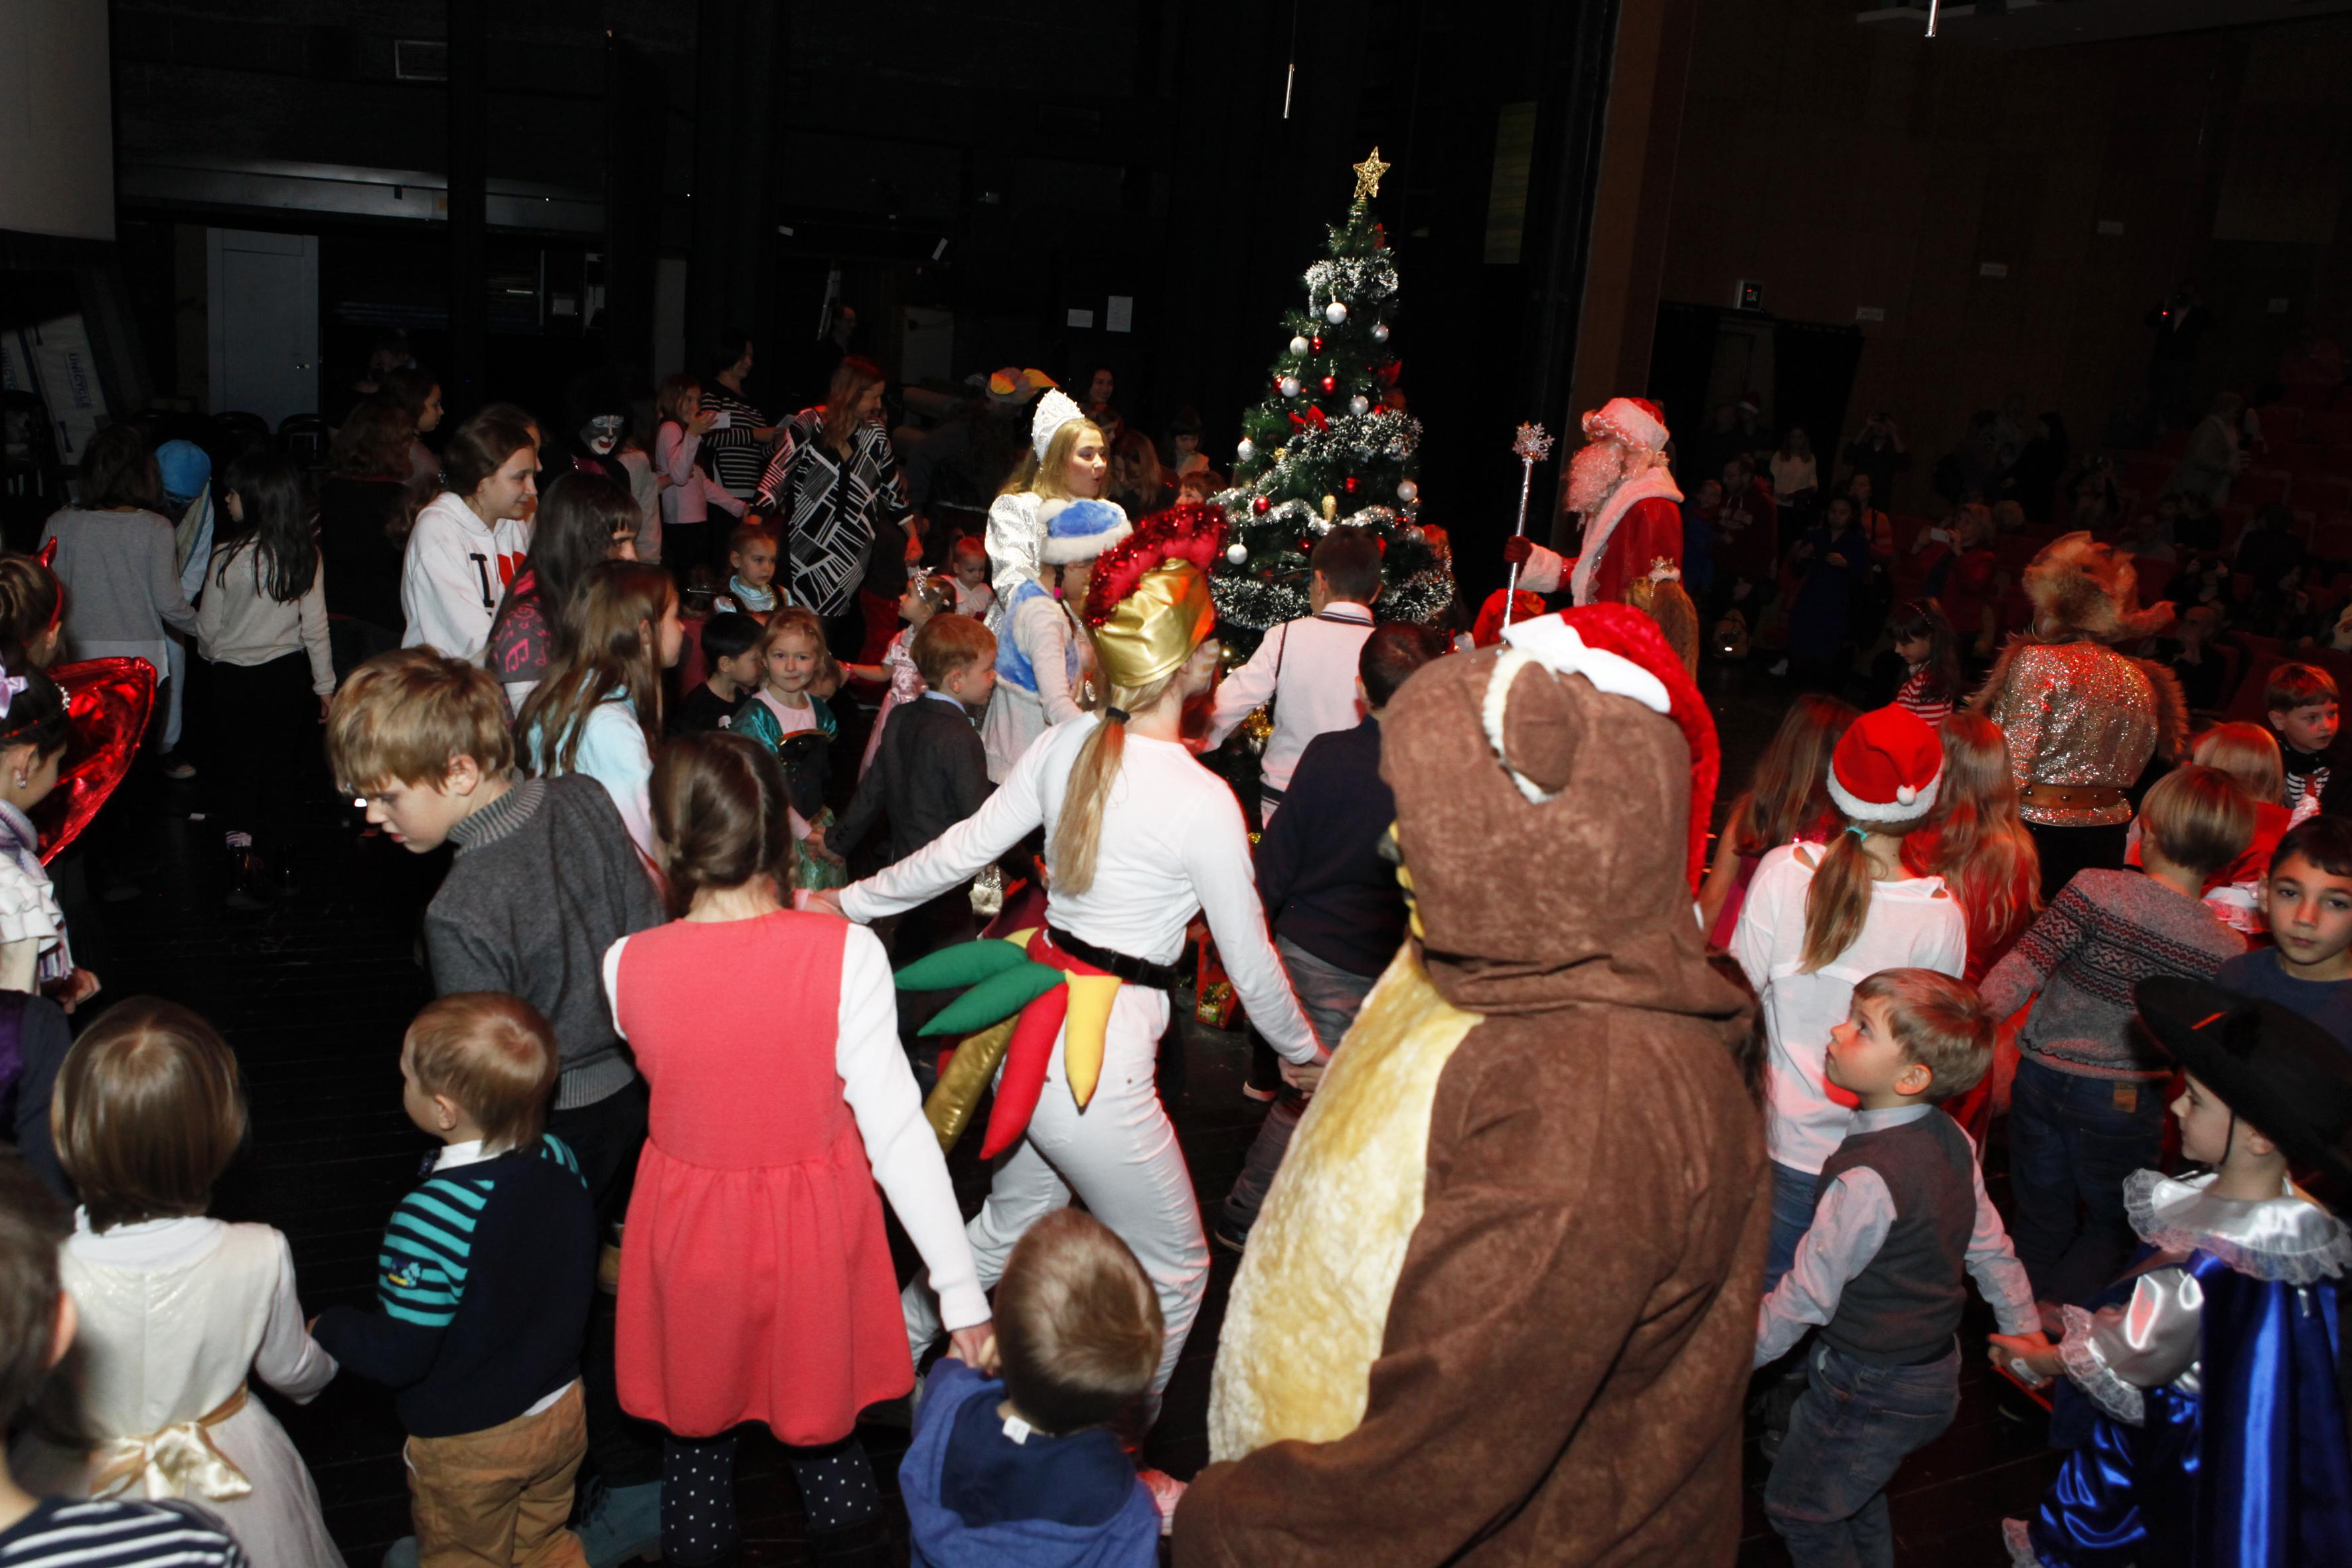 Bili su tu Maša i Vitja, Maša i Medvjed, Bremenski svirači, Baba Jaga, Kikimora, Lešij i, naravno, Djed Mraz i Snjeguročka, koji su mlade gledatelje uveli u novogodišnju priču o avanturama dječaka i djevojčice koji spašavaju darove Djeda Mraza od zlih duhova u čarobnoj šumi.